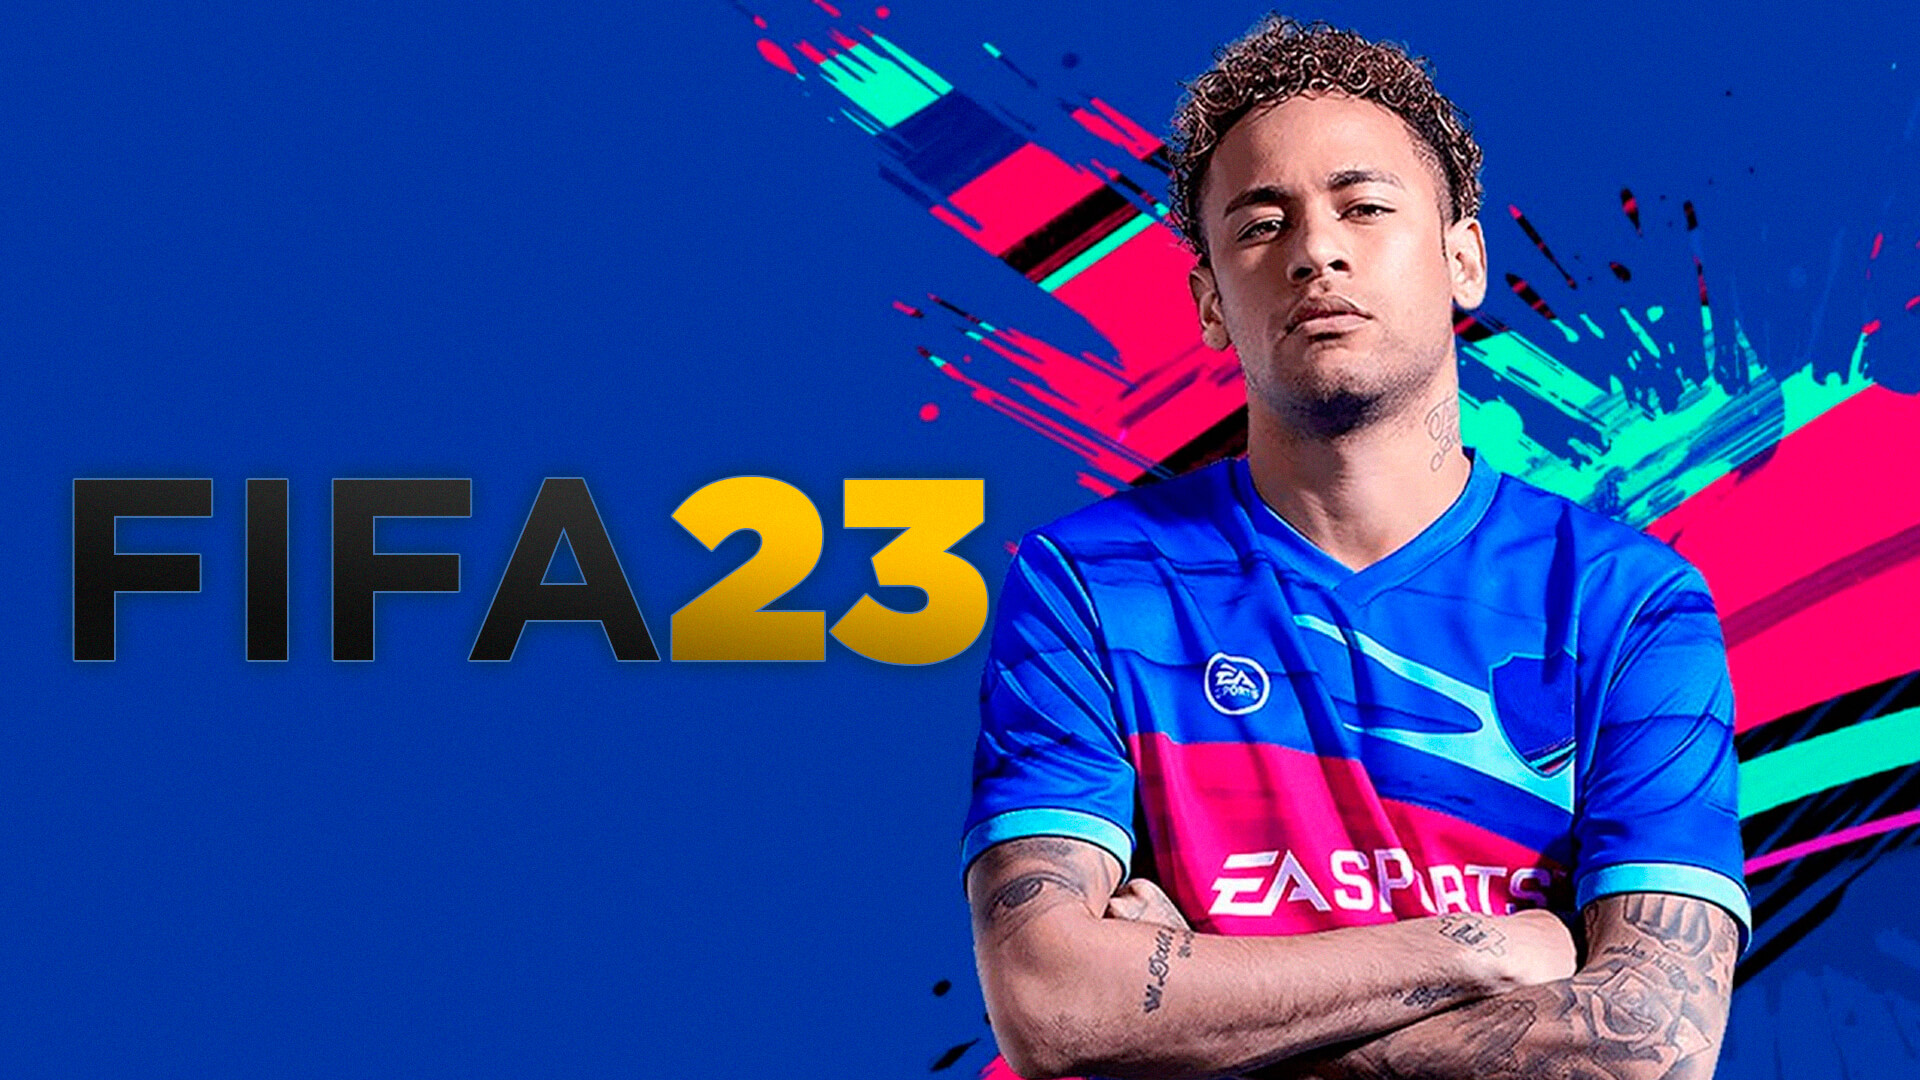 FIFA 23 pode ser Free To Play e com CrossPlay seguindo as pesadas de eFootball PES 2022 com microtransações e passes de temporada.